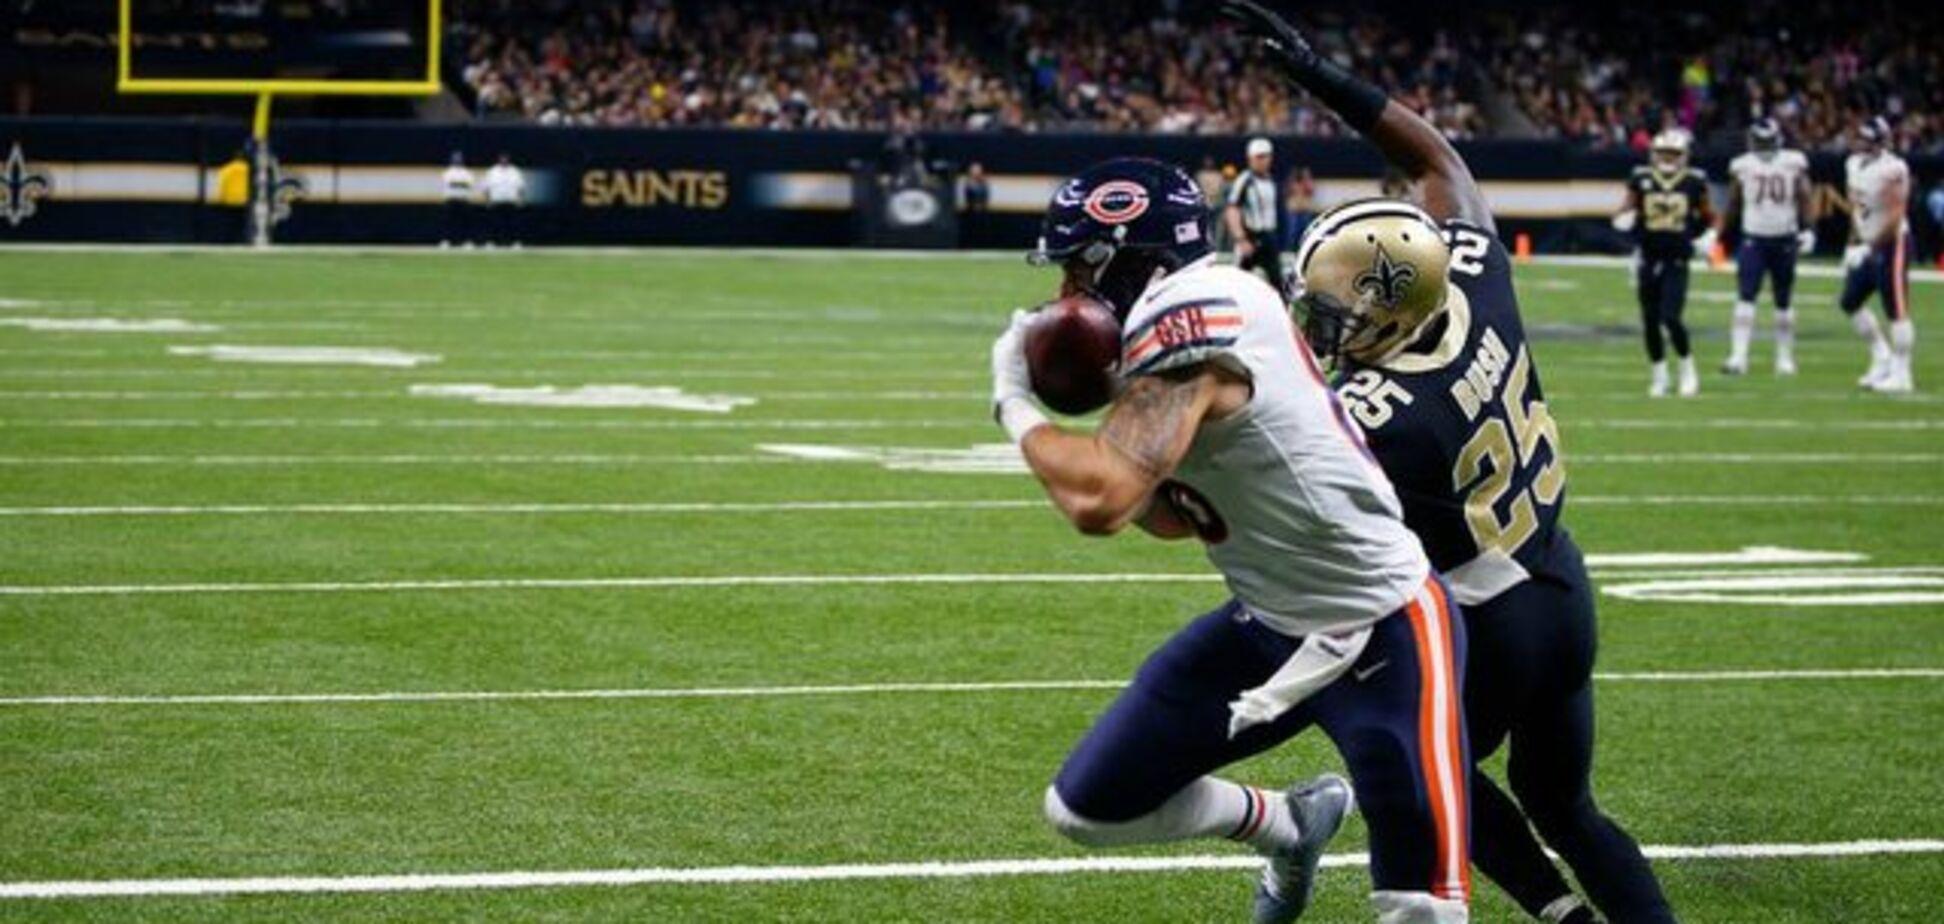 Американський футболіст невдало стрибнув, порвавши артерію і вивихнувши коліно: моторошне відео